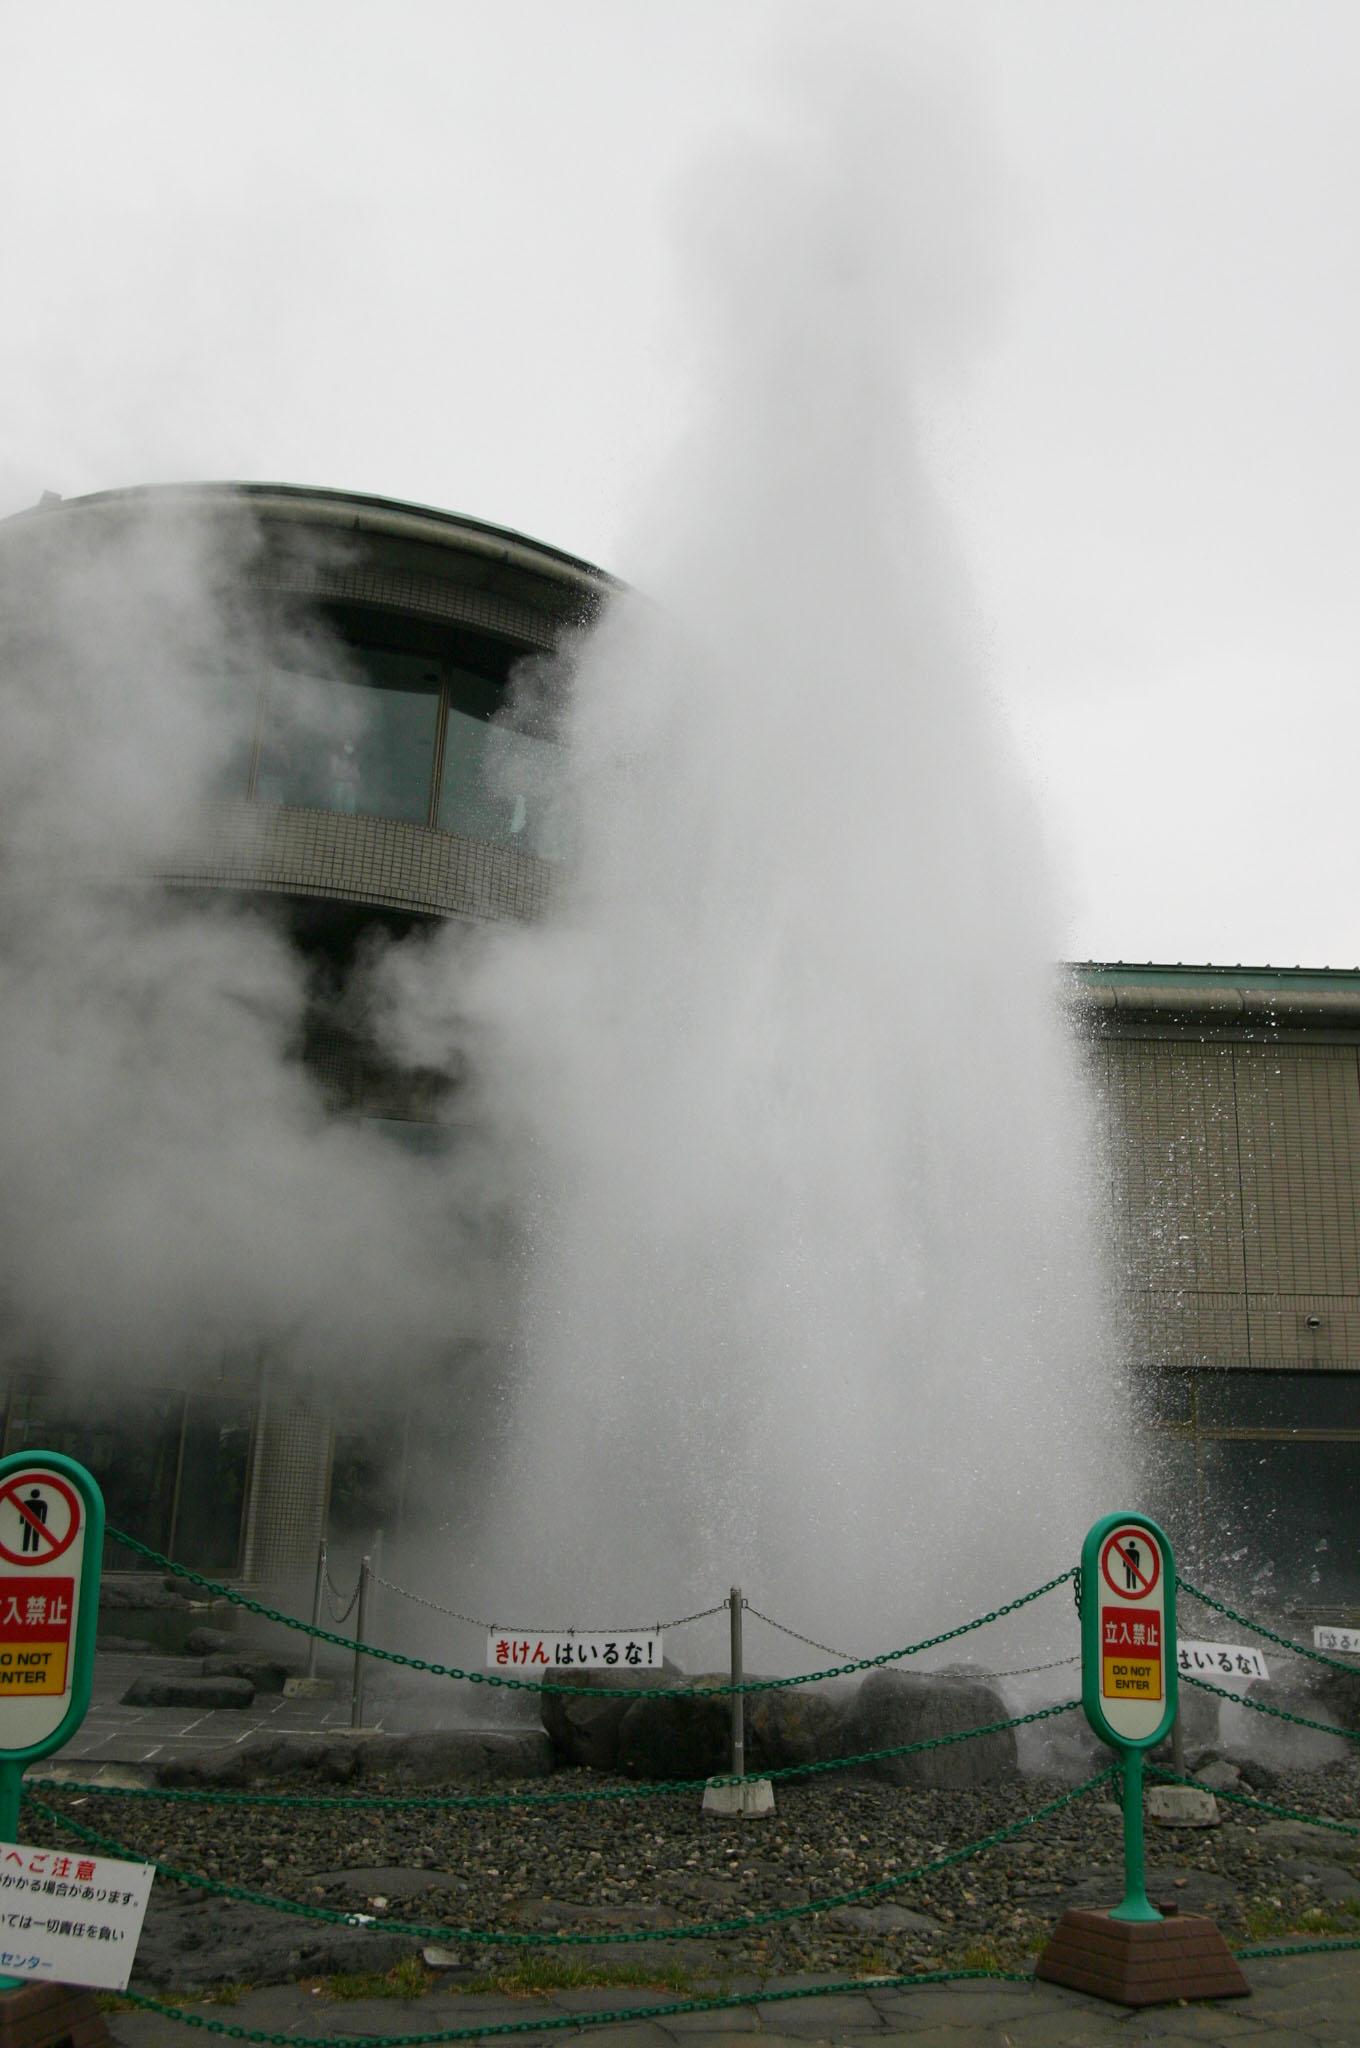 諏訪湖の温泉が噴出す間欠泉